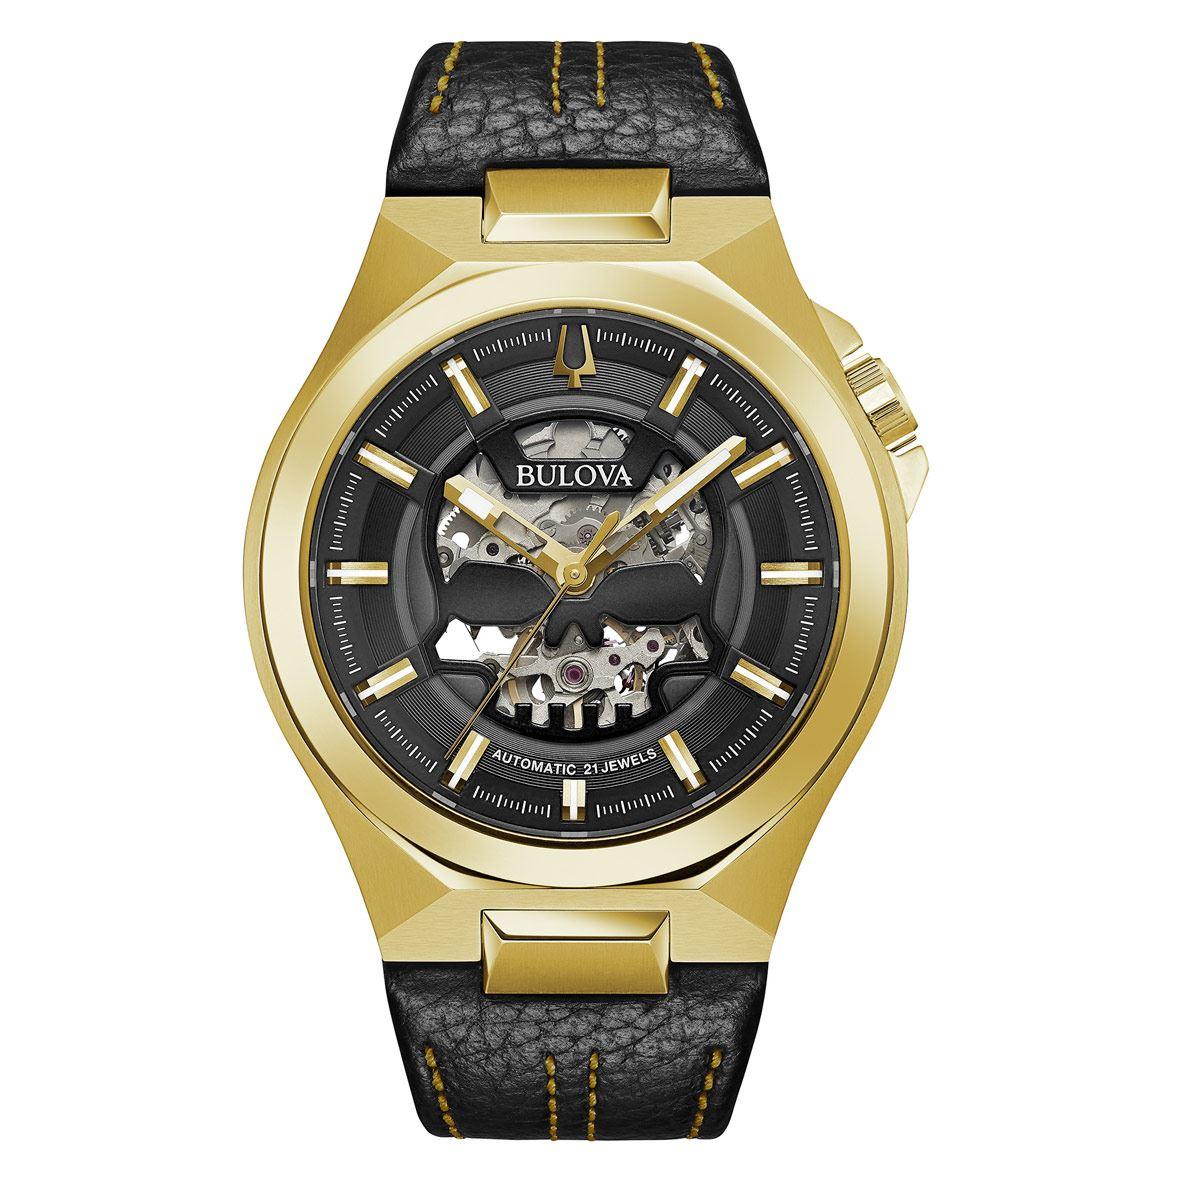 Reloj De Pulso Para Caballero 97A148 Bulova